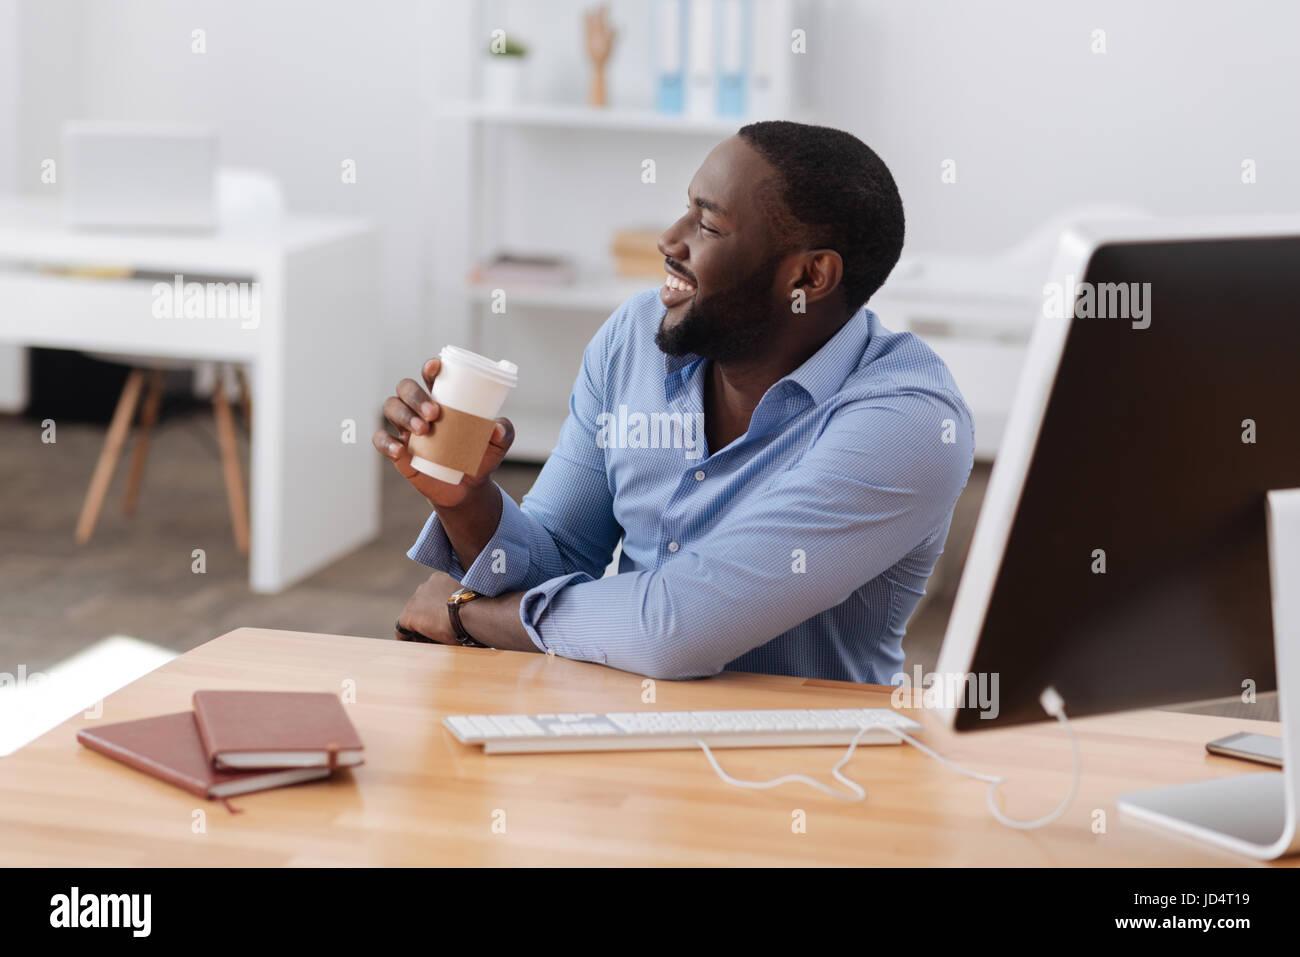 Heureux l'homme positif tenant une tasse de café Photo Stock